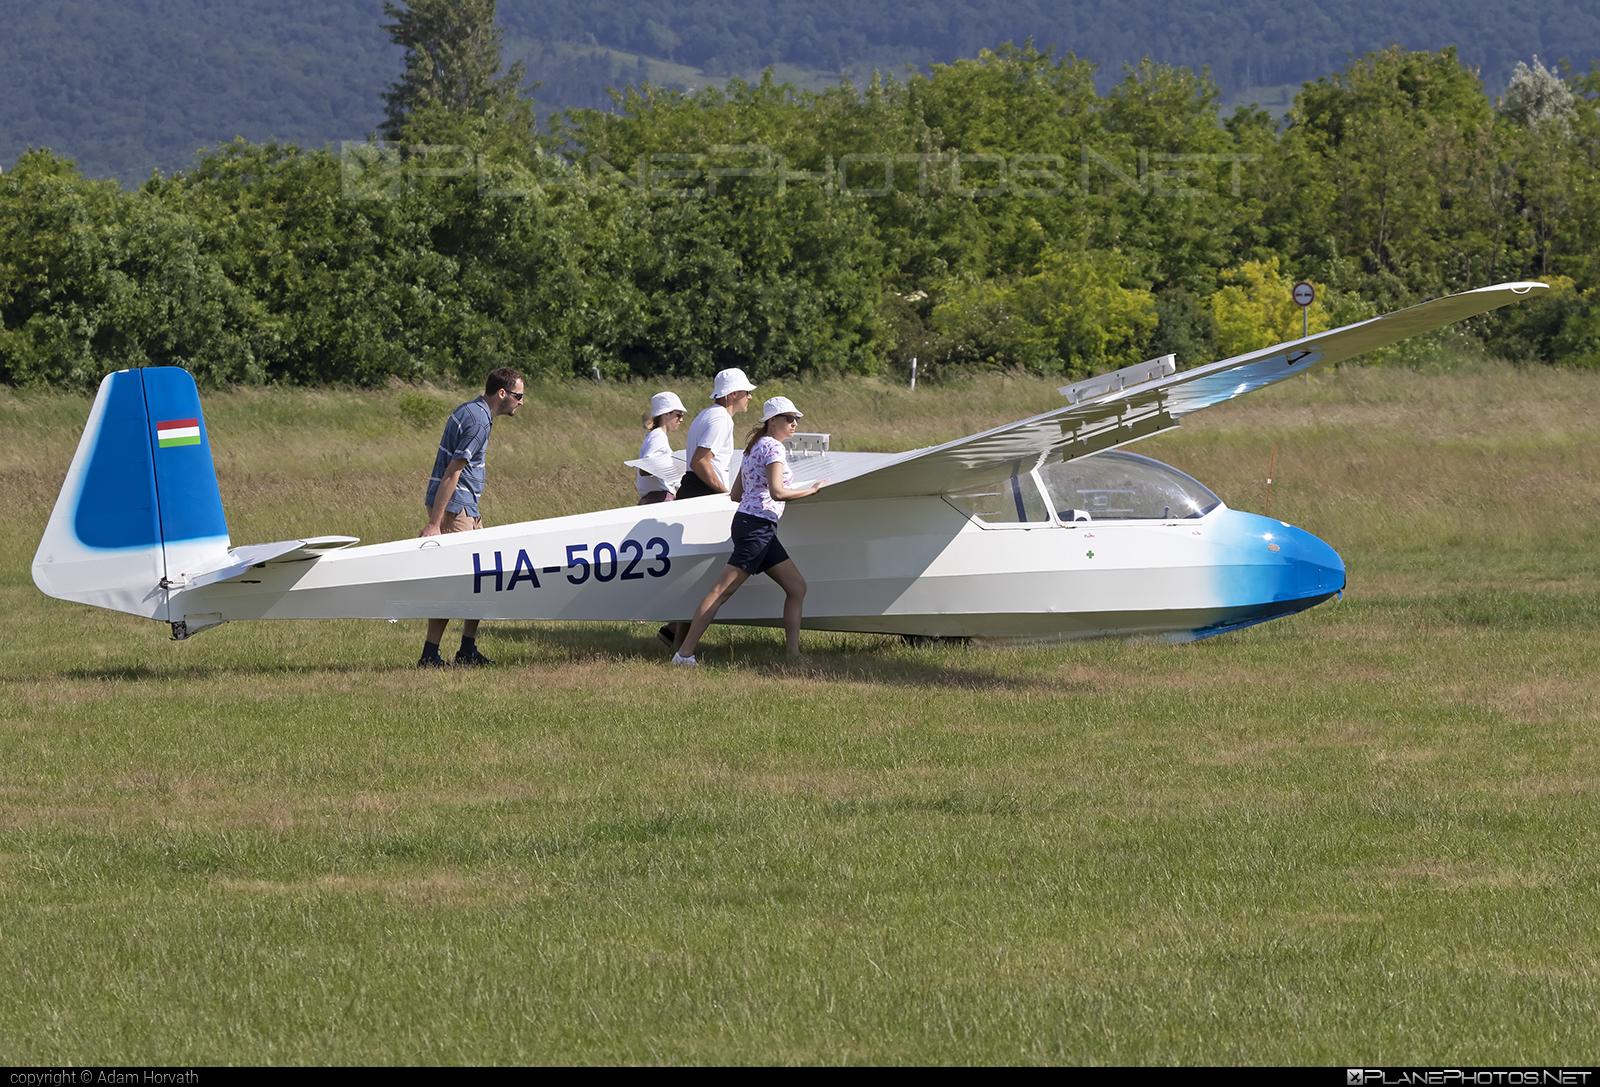 Schleicher K7 Rhönadler - HA-5023 operated by Aeroklub Farkashegy #aeroklubfarkashegy #schleicher